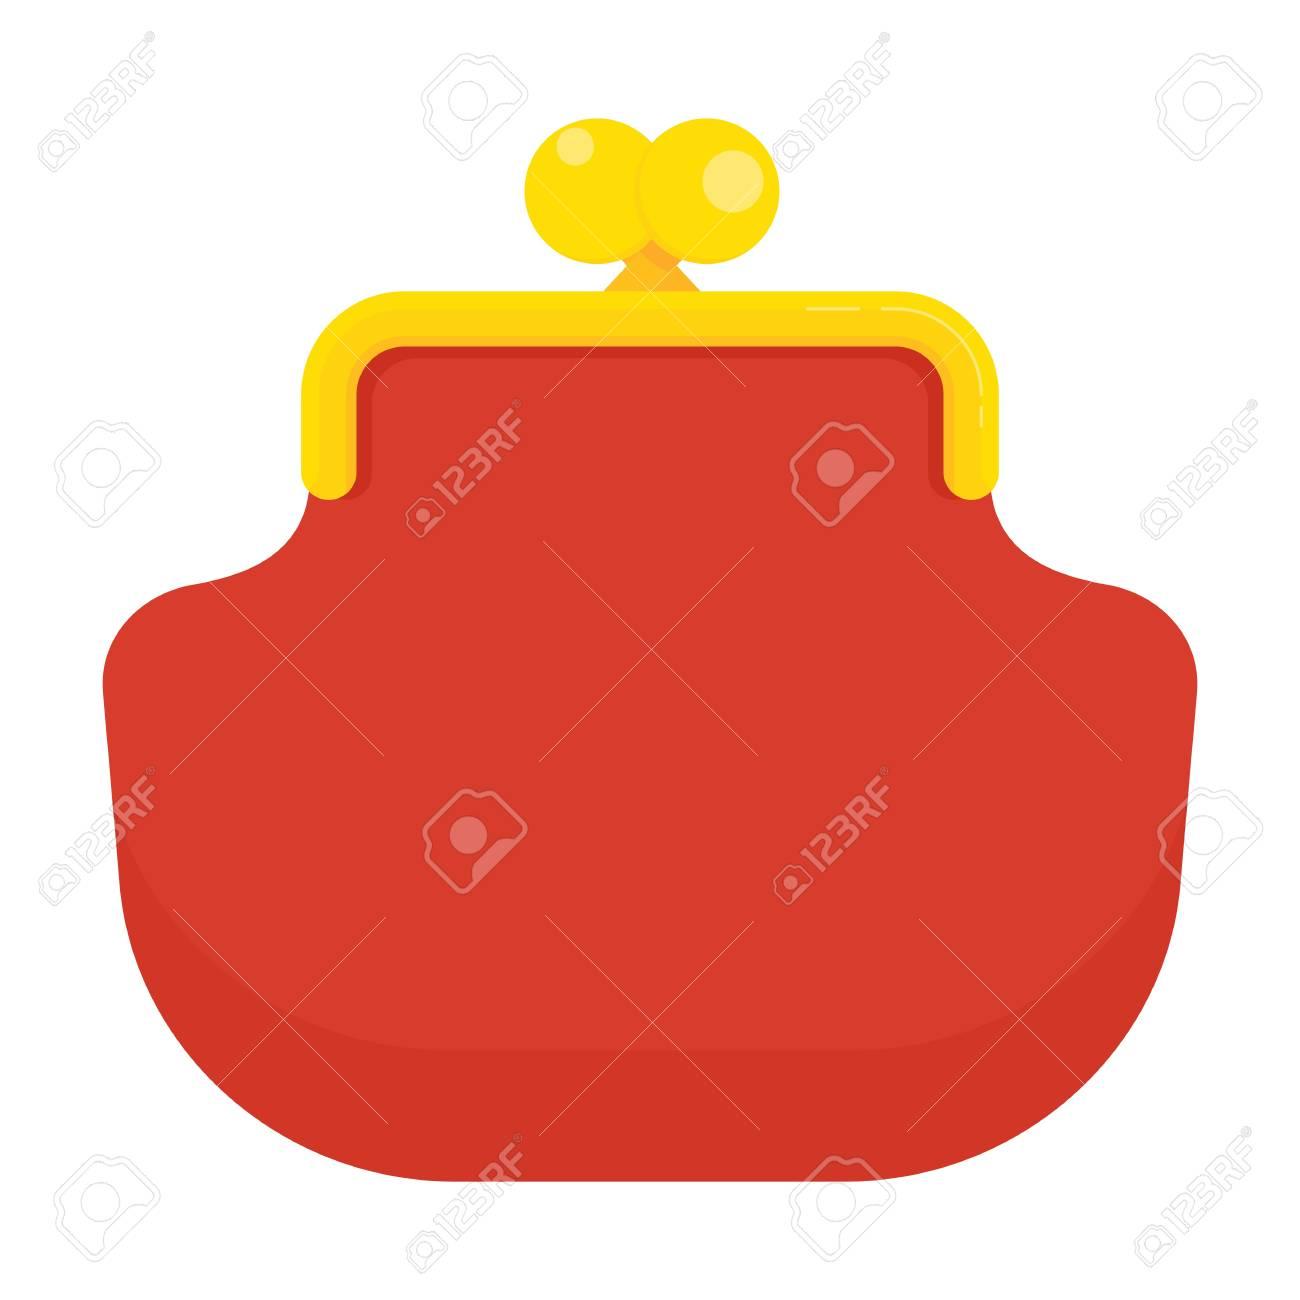 Dessin Porte Monnaie icône de porte monnaie rouge rétro. stockage de monnaie